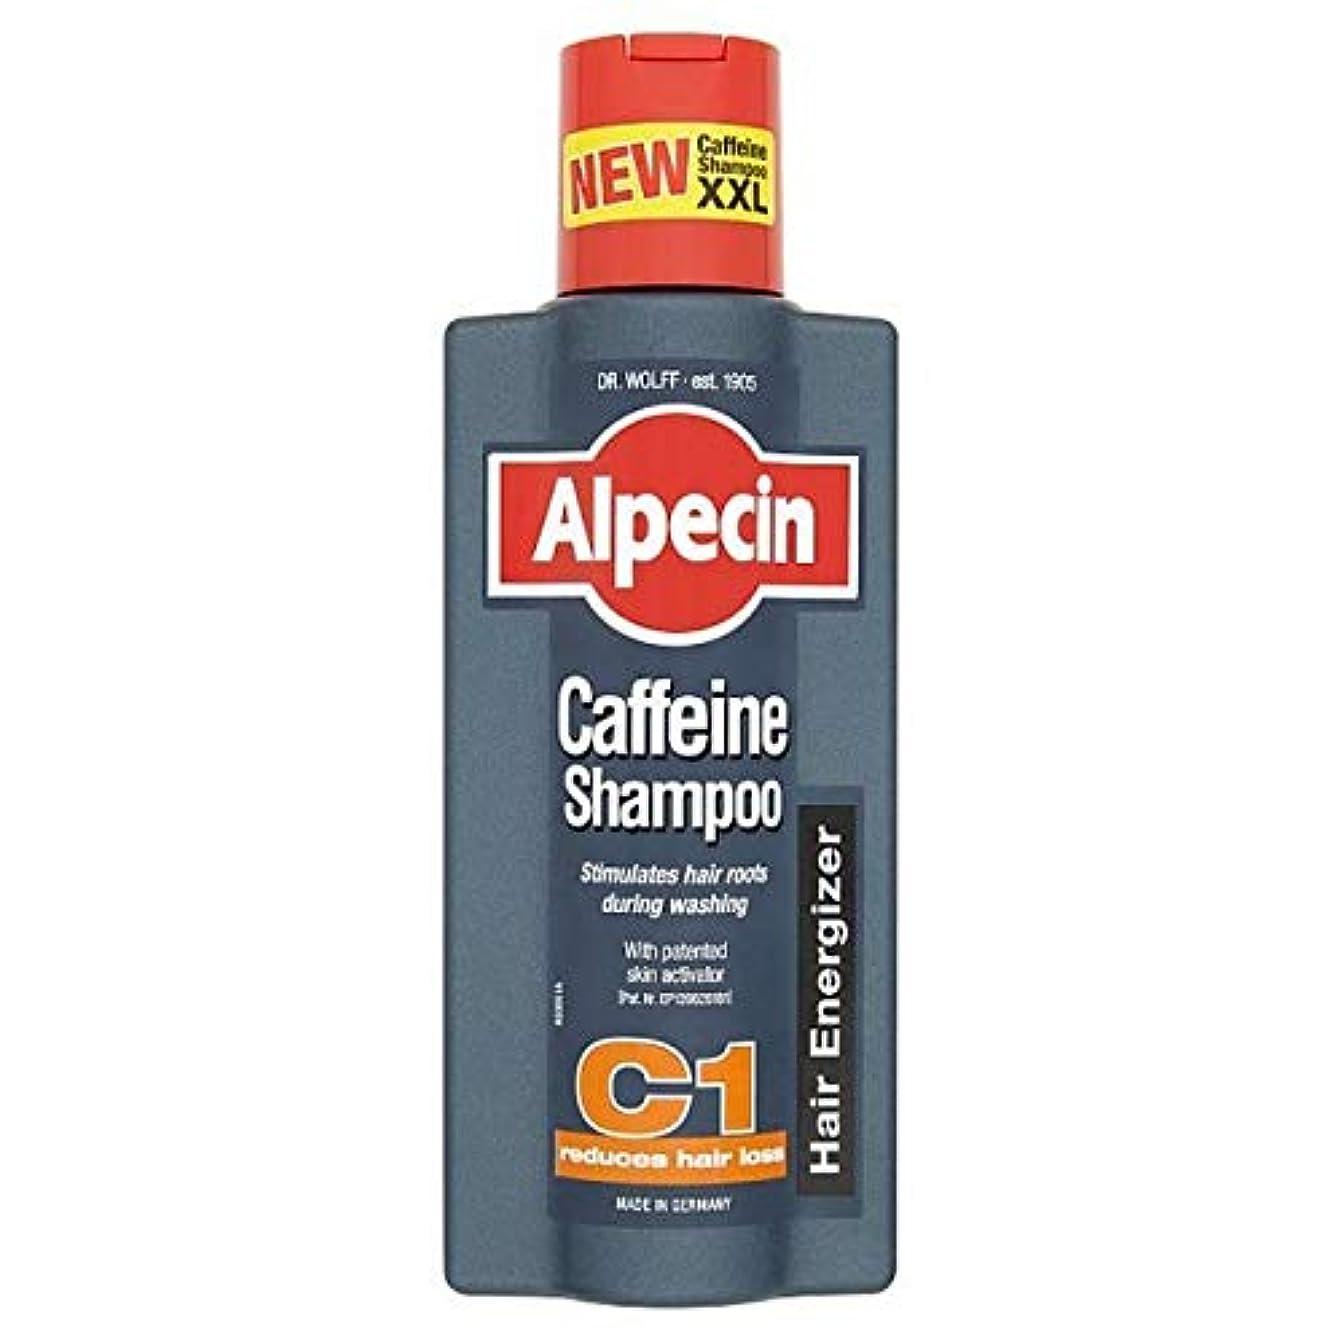 評論家考古学的なマインドフル[Alpecin] C1カフェインシャンプー375ミリリットルAlpecin - Alpecin C1 Caffeine Shampoo 375ml [並行輸入品]